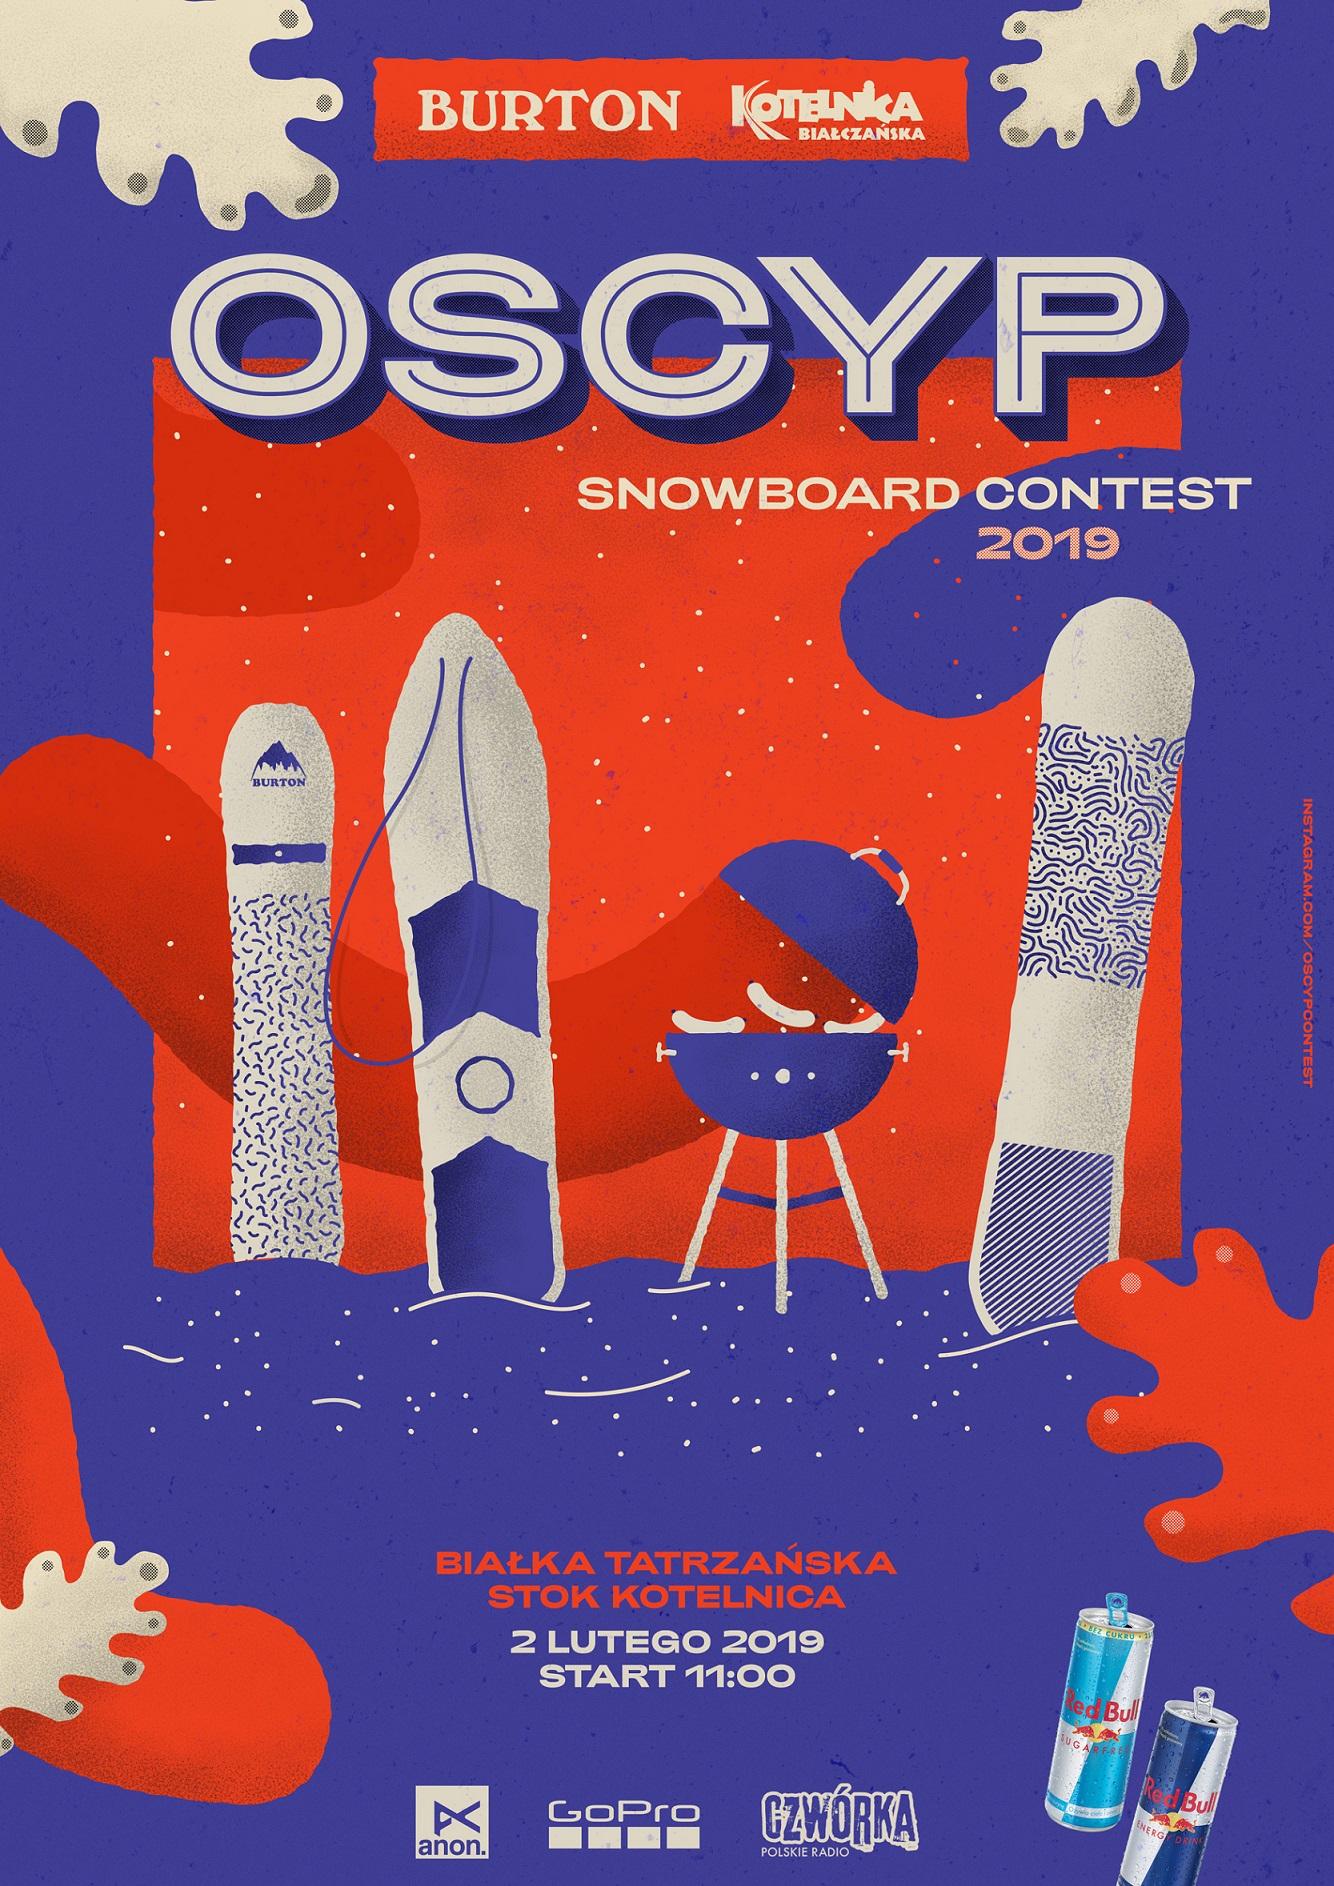 OSCYP Snowboard Contest 2019